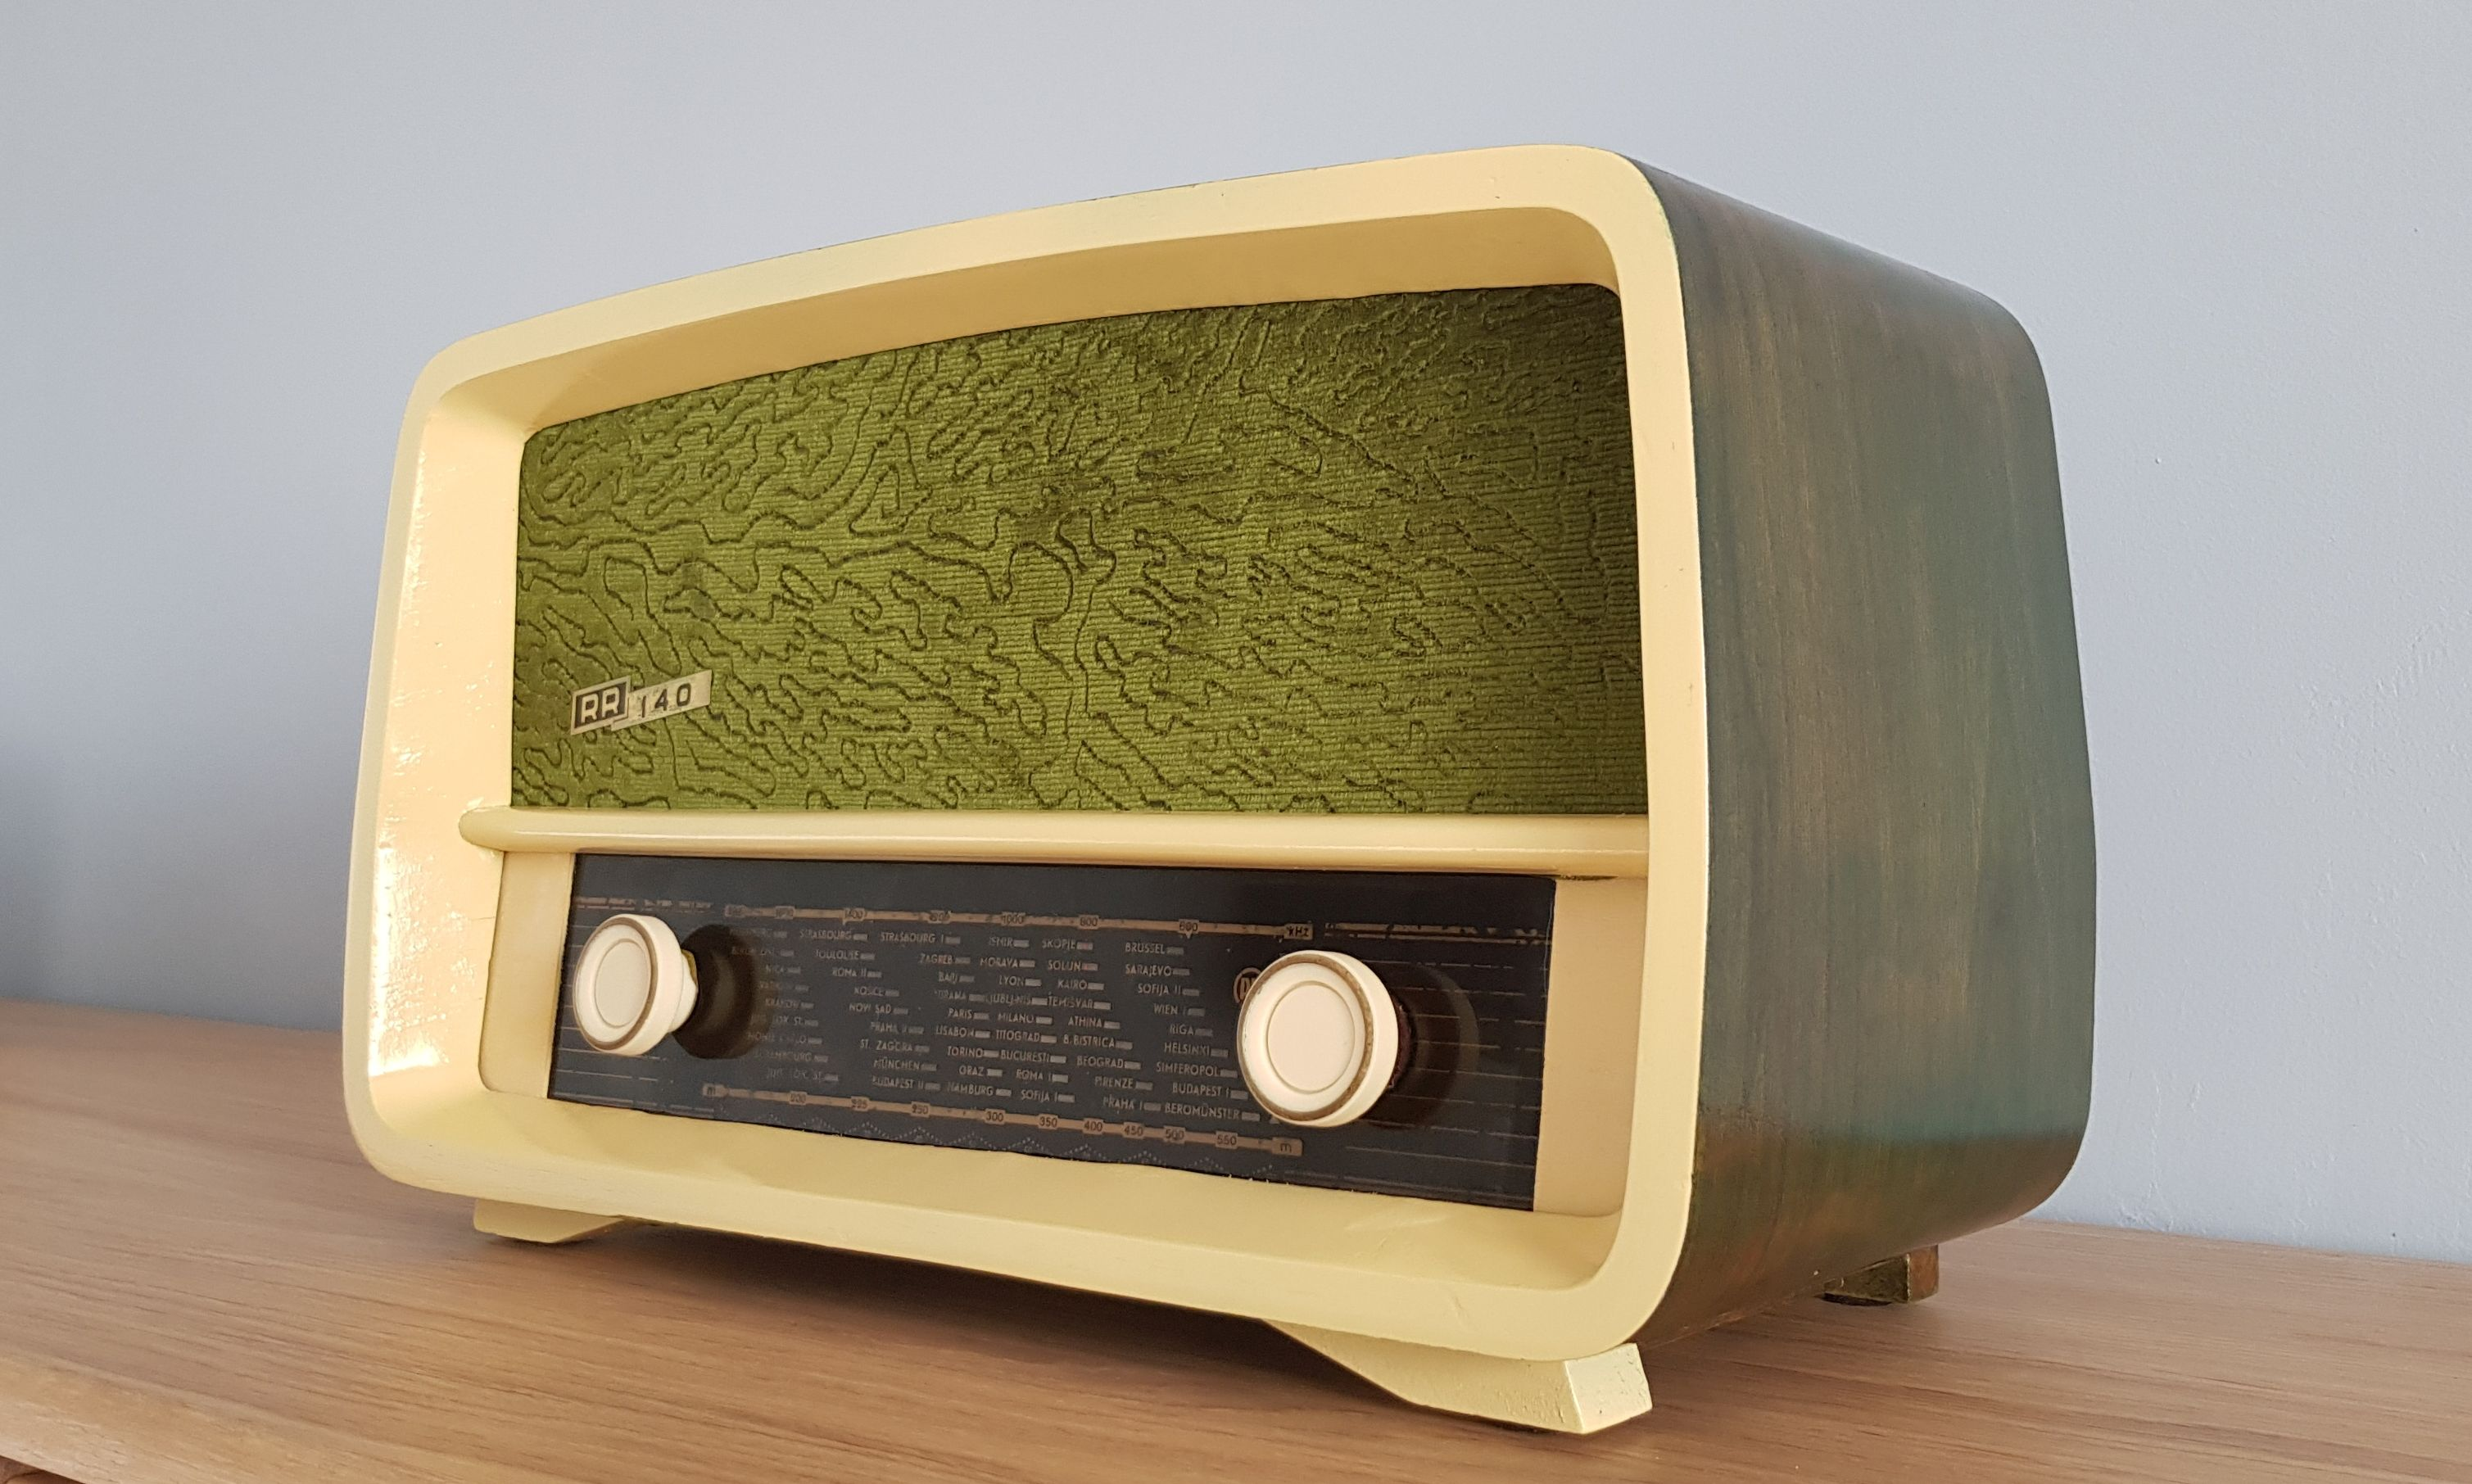 Vintage Radio Rr 140 Vintage Radio Vintage Electronics Old Radios